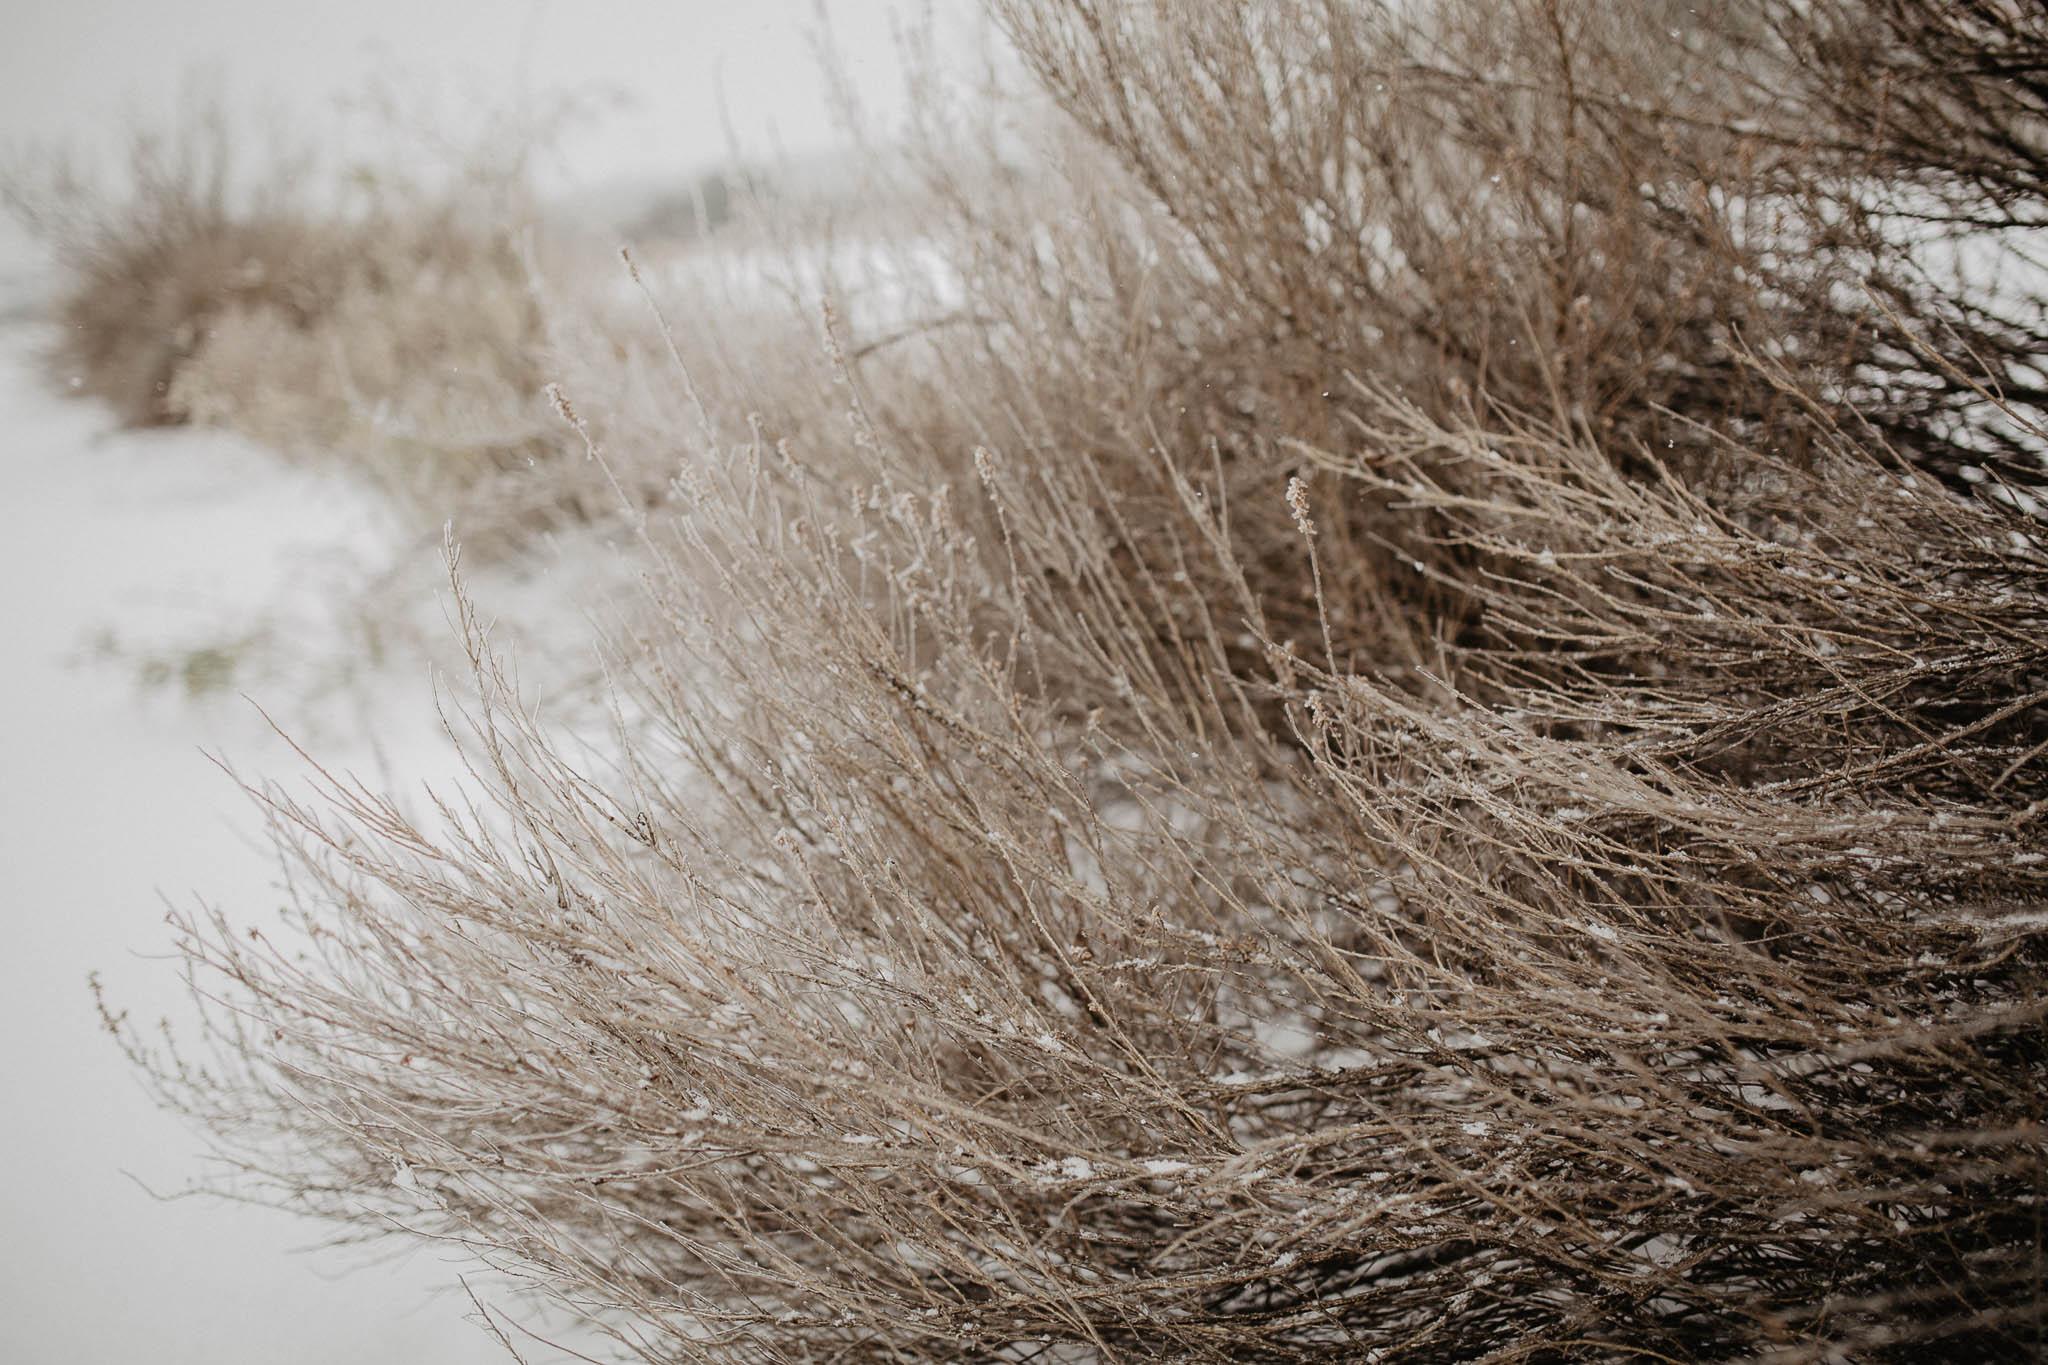 sesion-en-la-nieve-IMG_2931.jpg